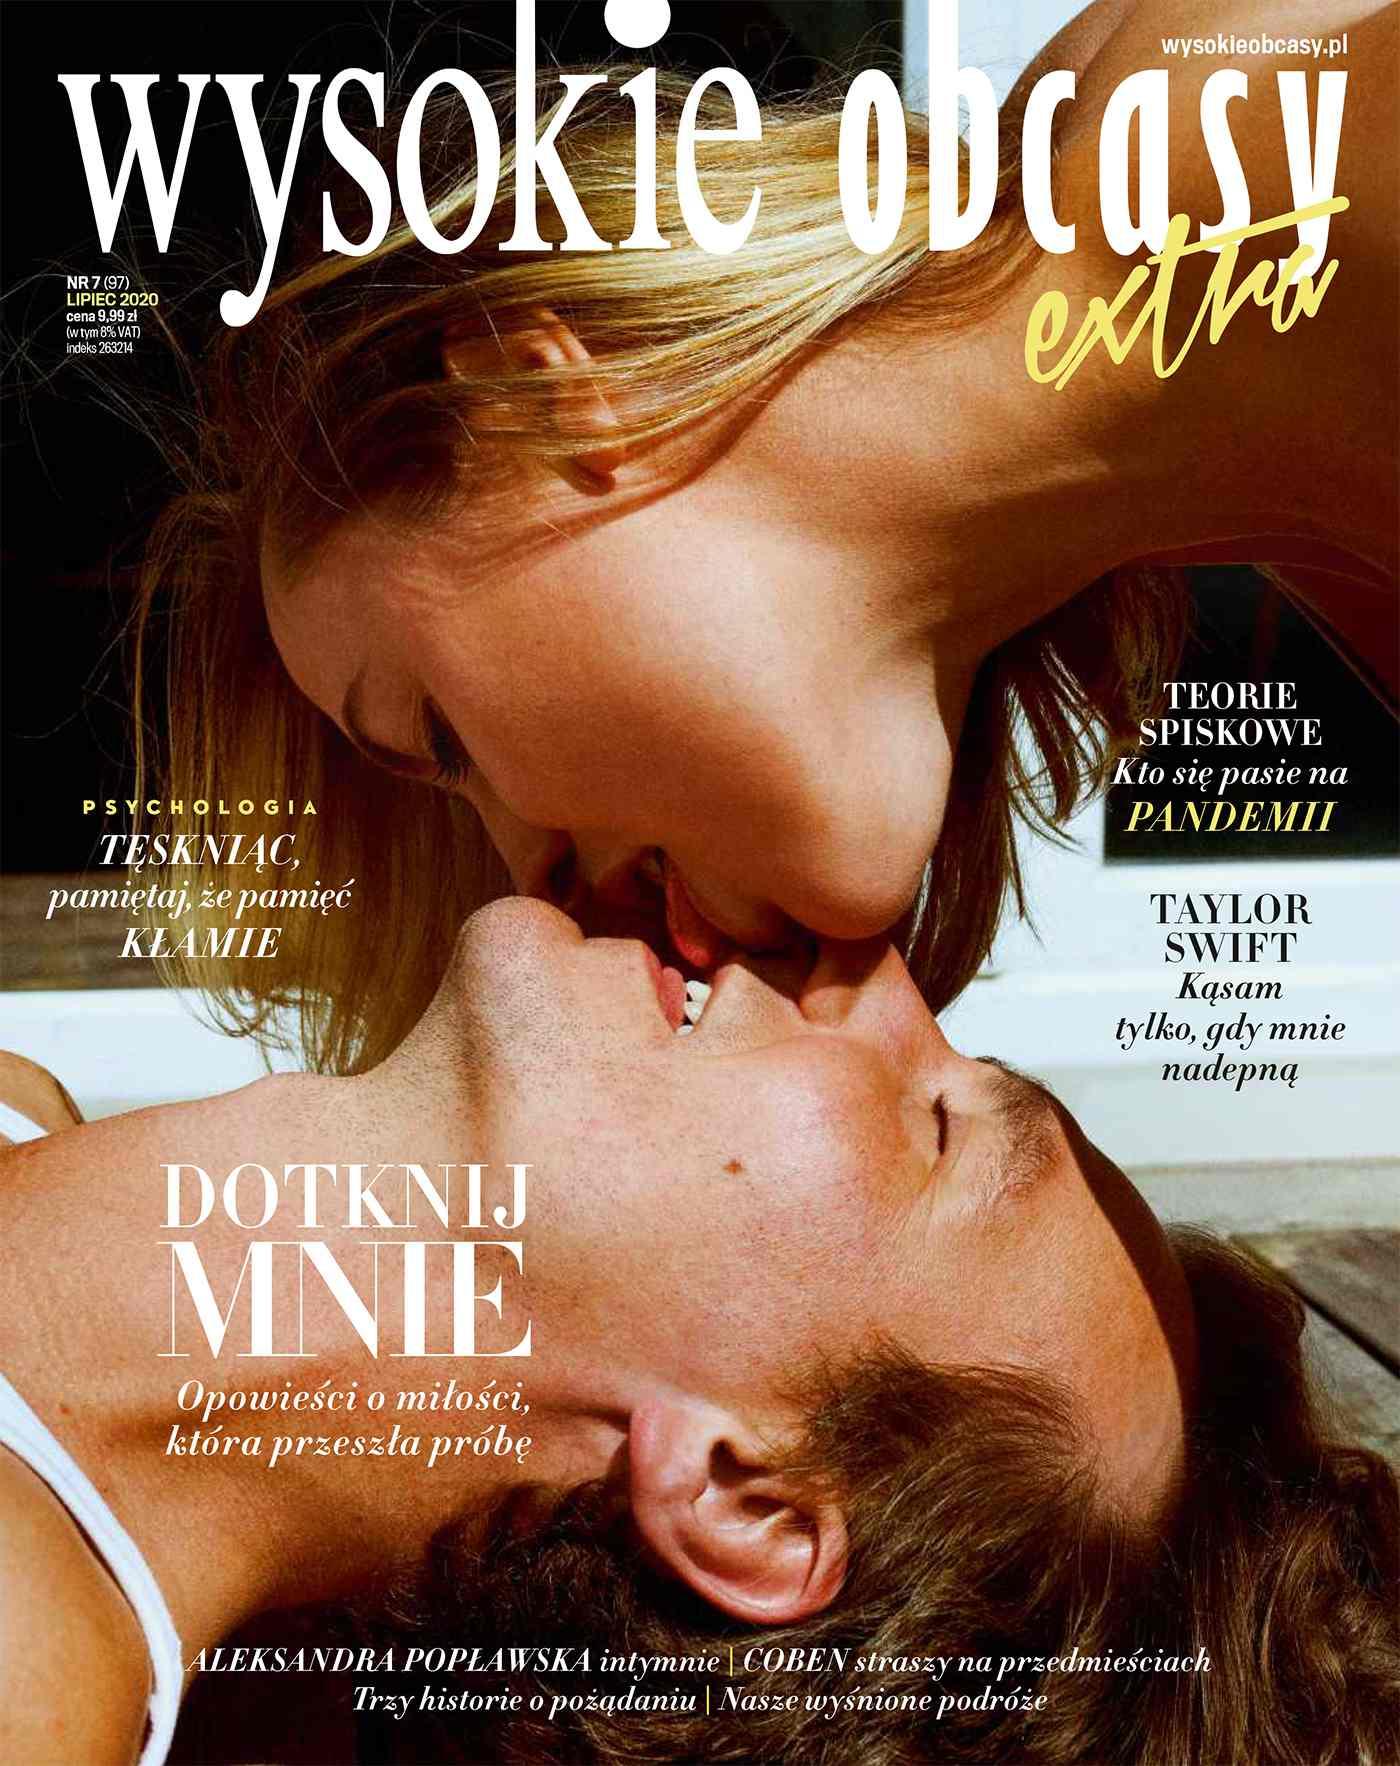 Wysokie Obcasy Extra 7/2020 - Ebook (Książka na Kindle) do pobrania w formacie MOBI